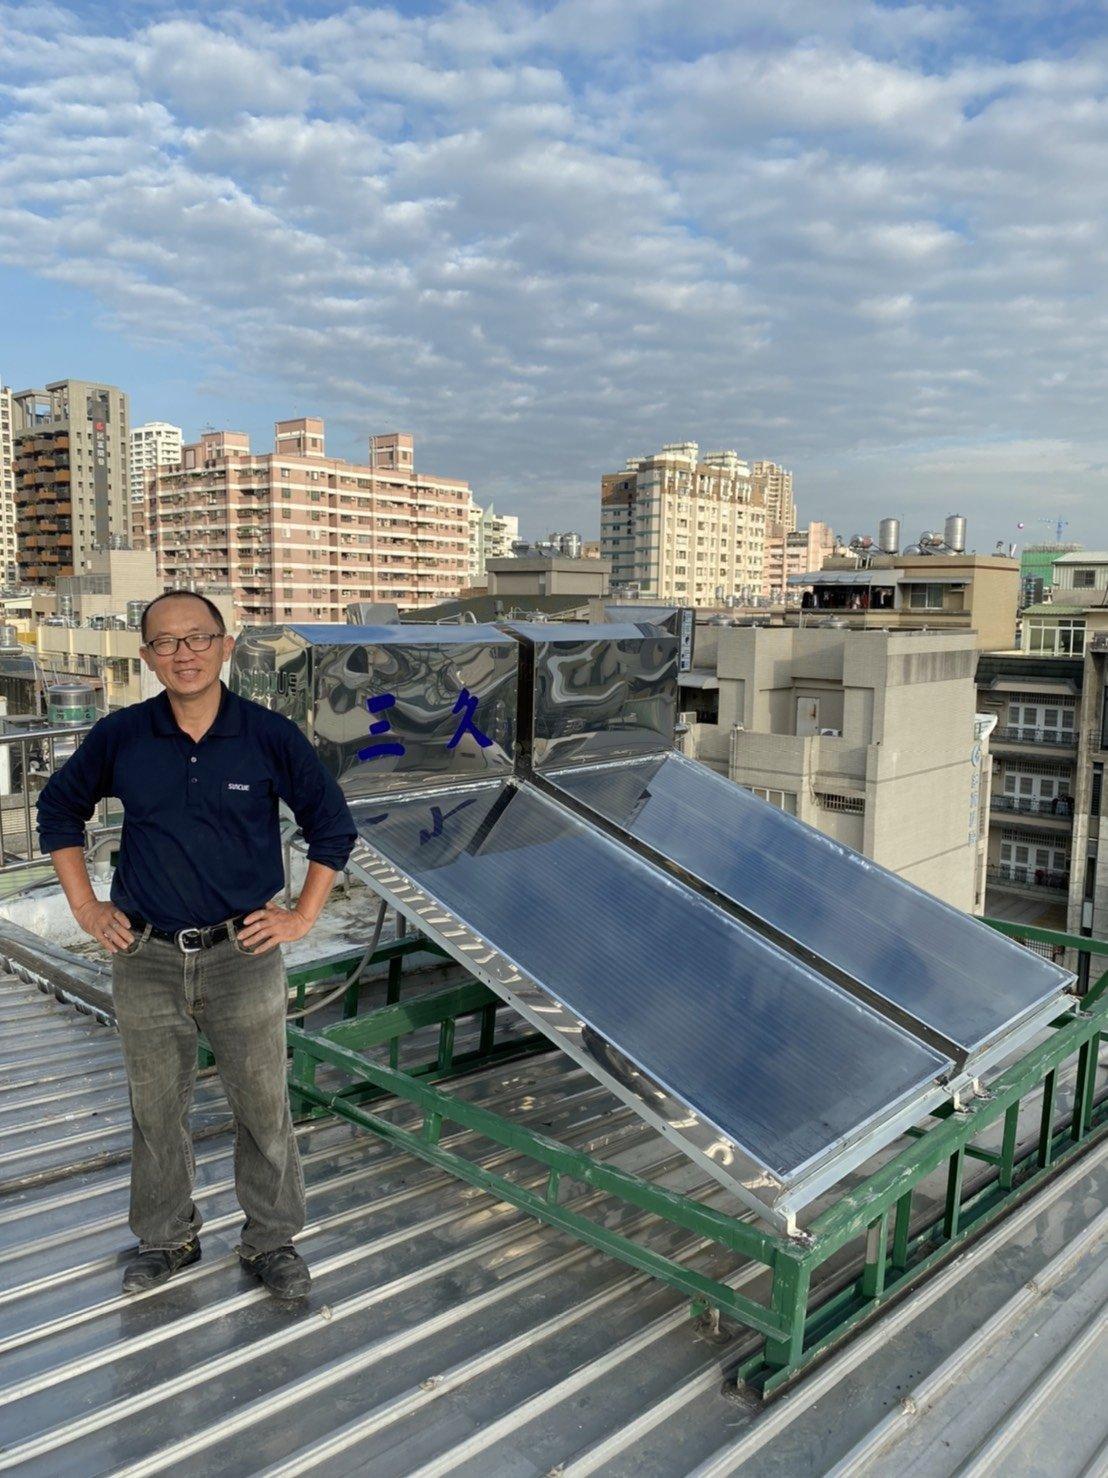 H004-三久太陽能電熱水器 Top-336 另- Soyal ar-725e v2 門禁系統 網路電錶 老羅工程行